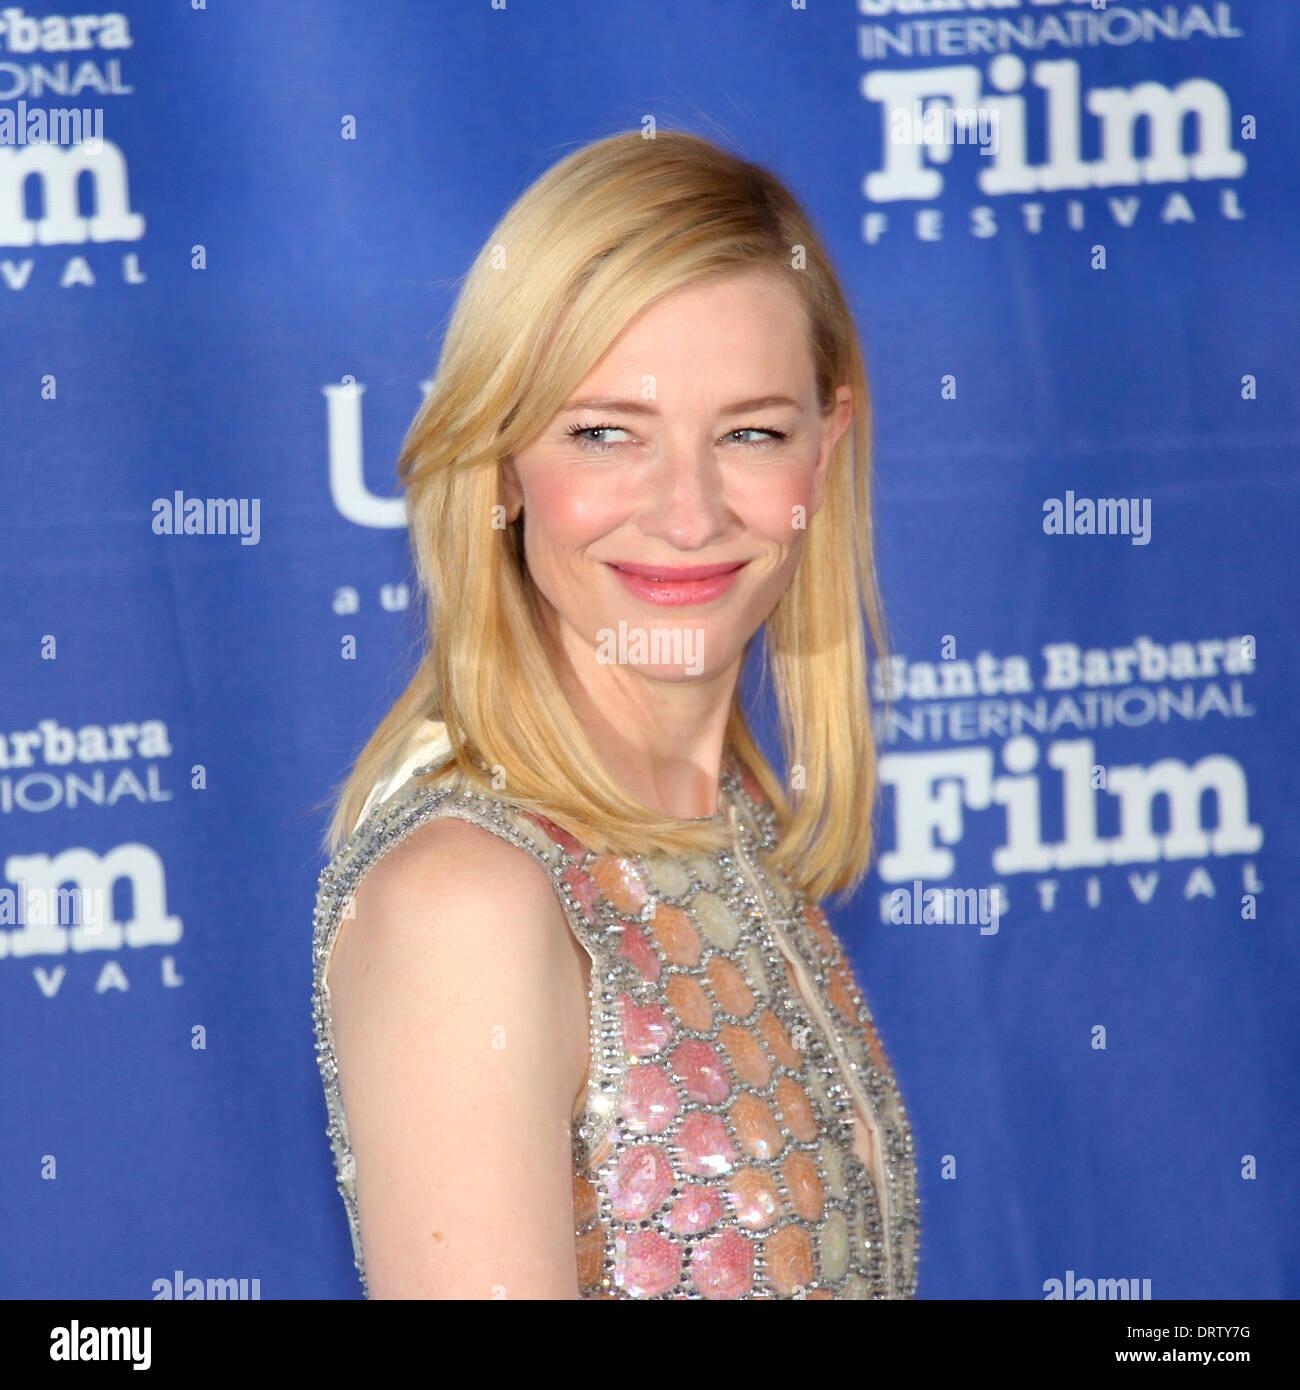 Il 1° febbraio 2014 la Santa Barbara International Film Festival presenta attrice Cate Blanchett con il outstanding performer of the Year Award per il suo ruolo in Woody Allen film più recente Gelsomino blu. Abito da Maison Martin Margiela Immagini Stock